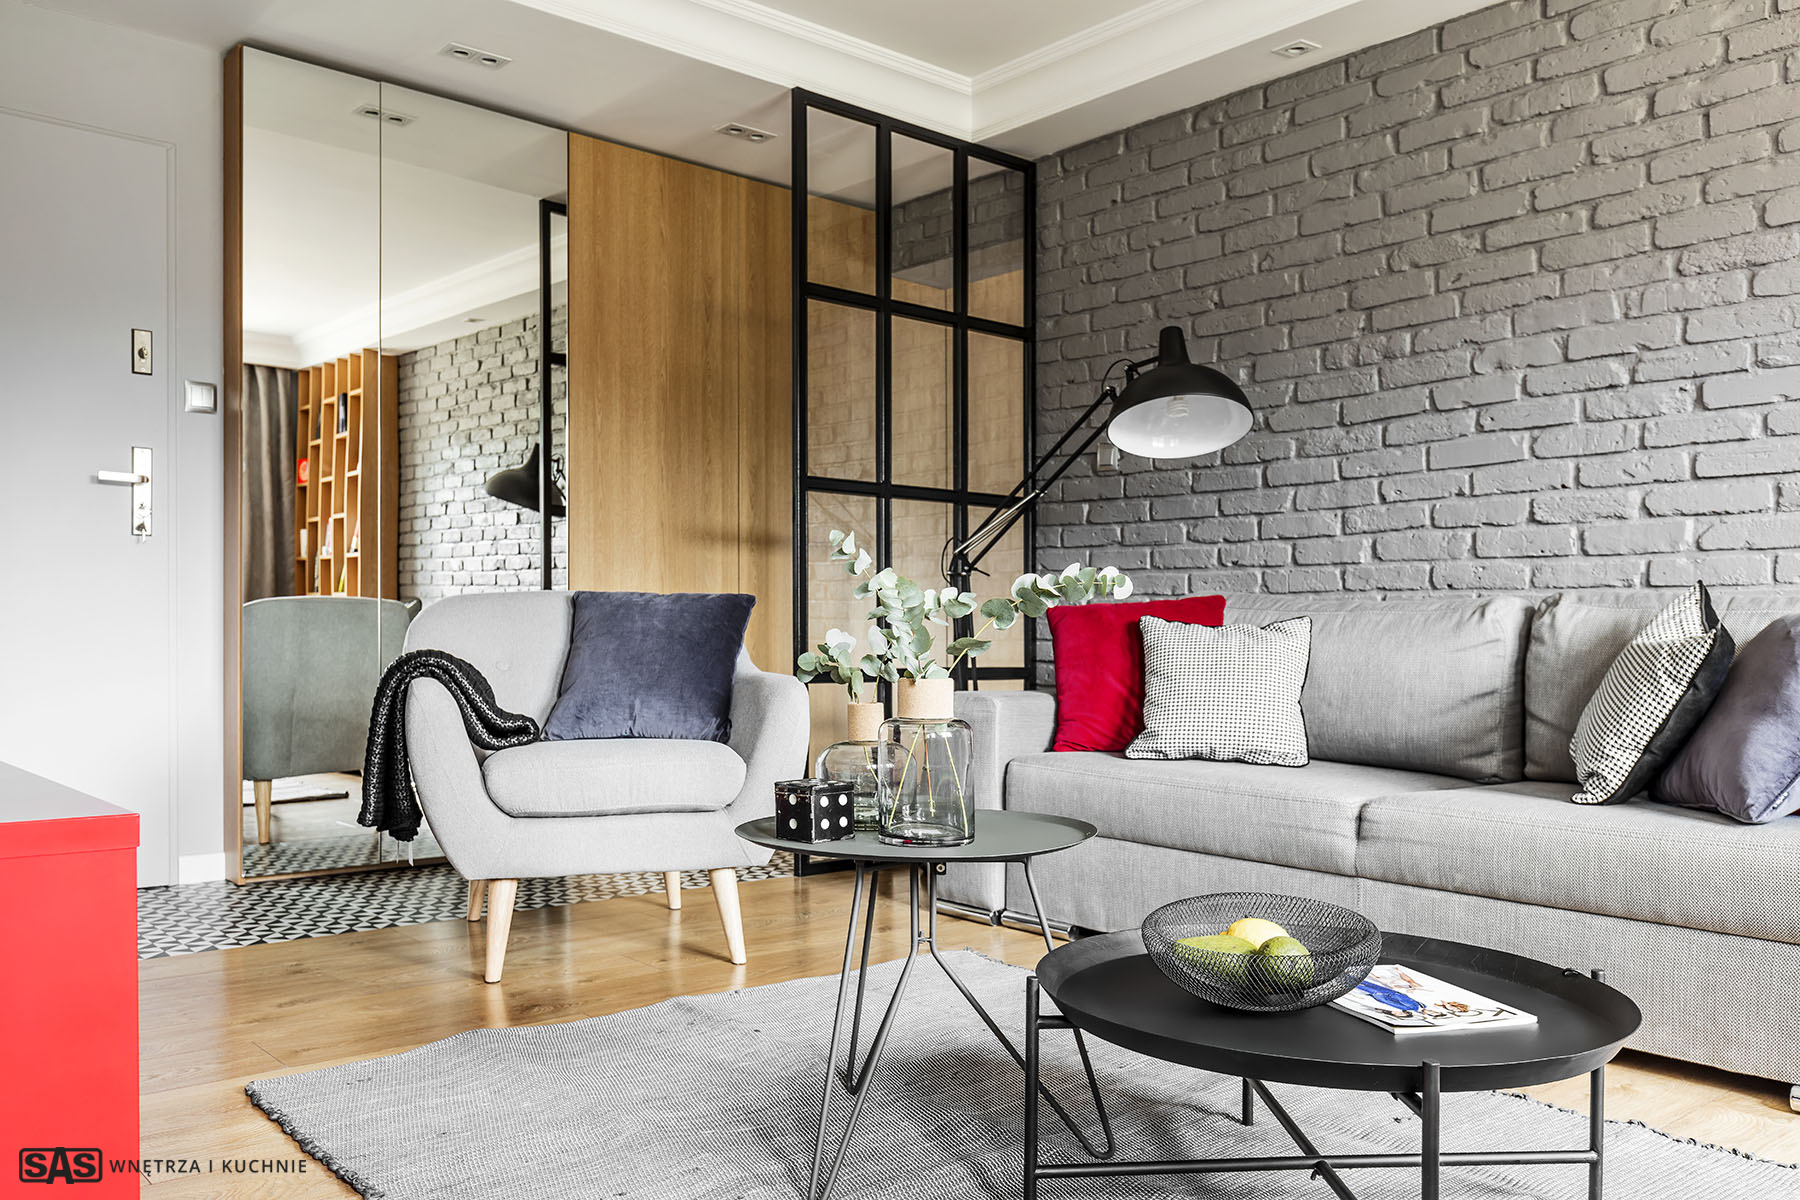 Aranżacja salonu - meble w przedpokoju na wymiar wykonanie SAS Wnętrza i Kuchnie - projekt architekt wnętrz Emilia Strzempek Plasun.